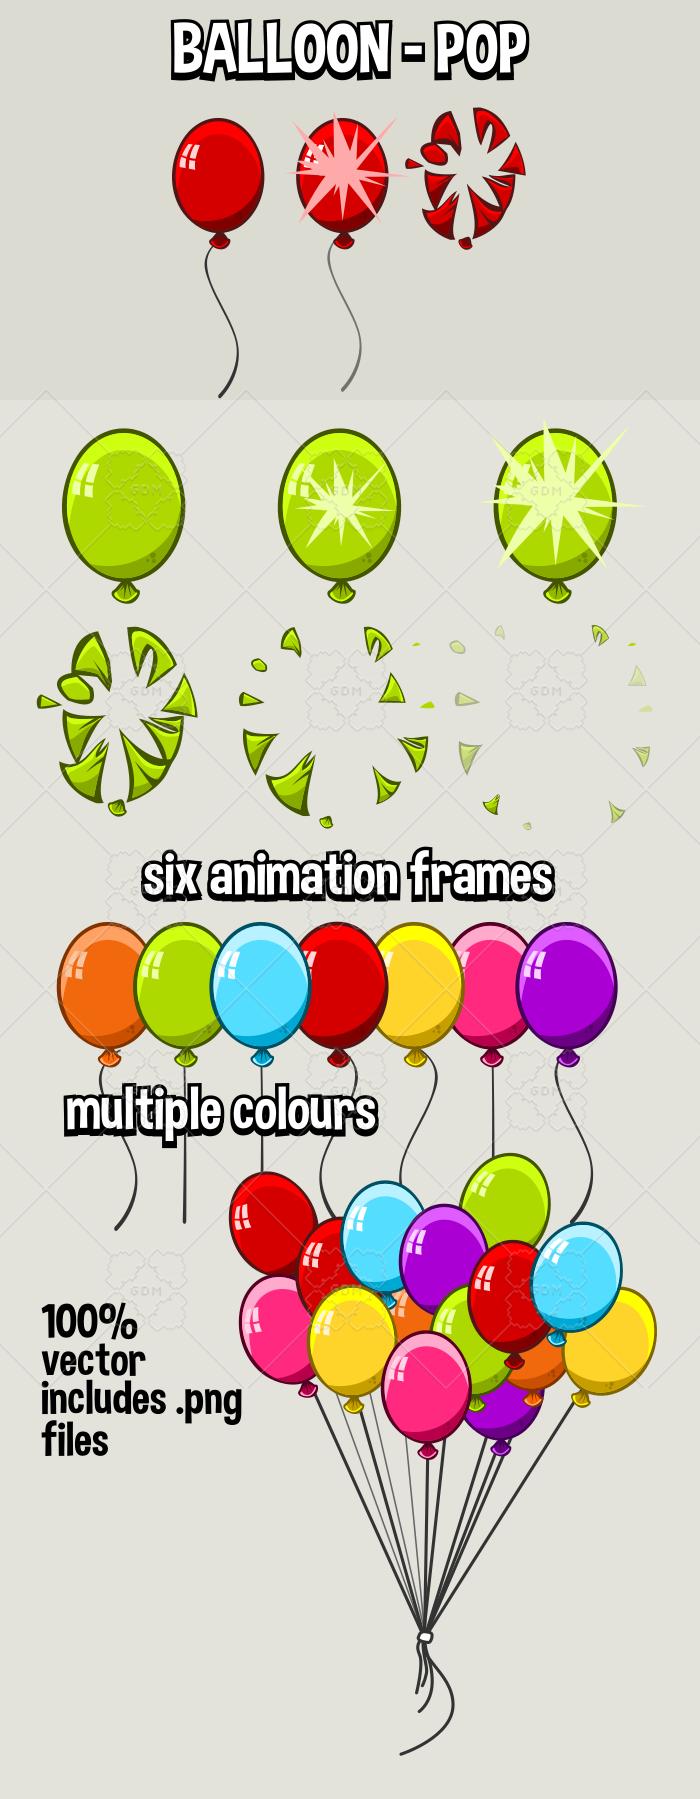 Balloon popping animation